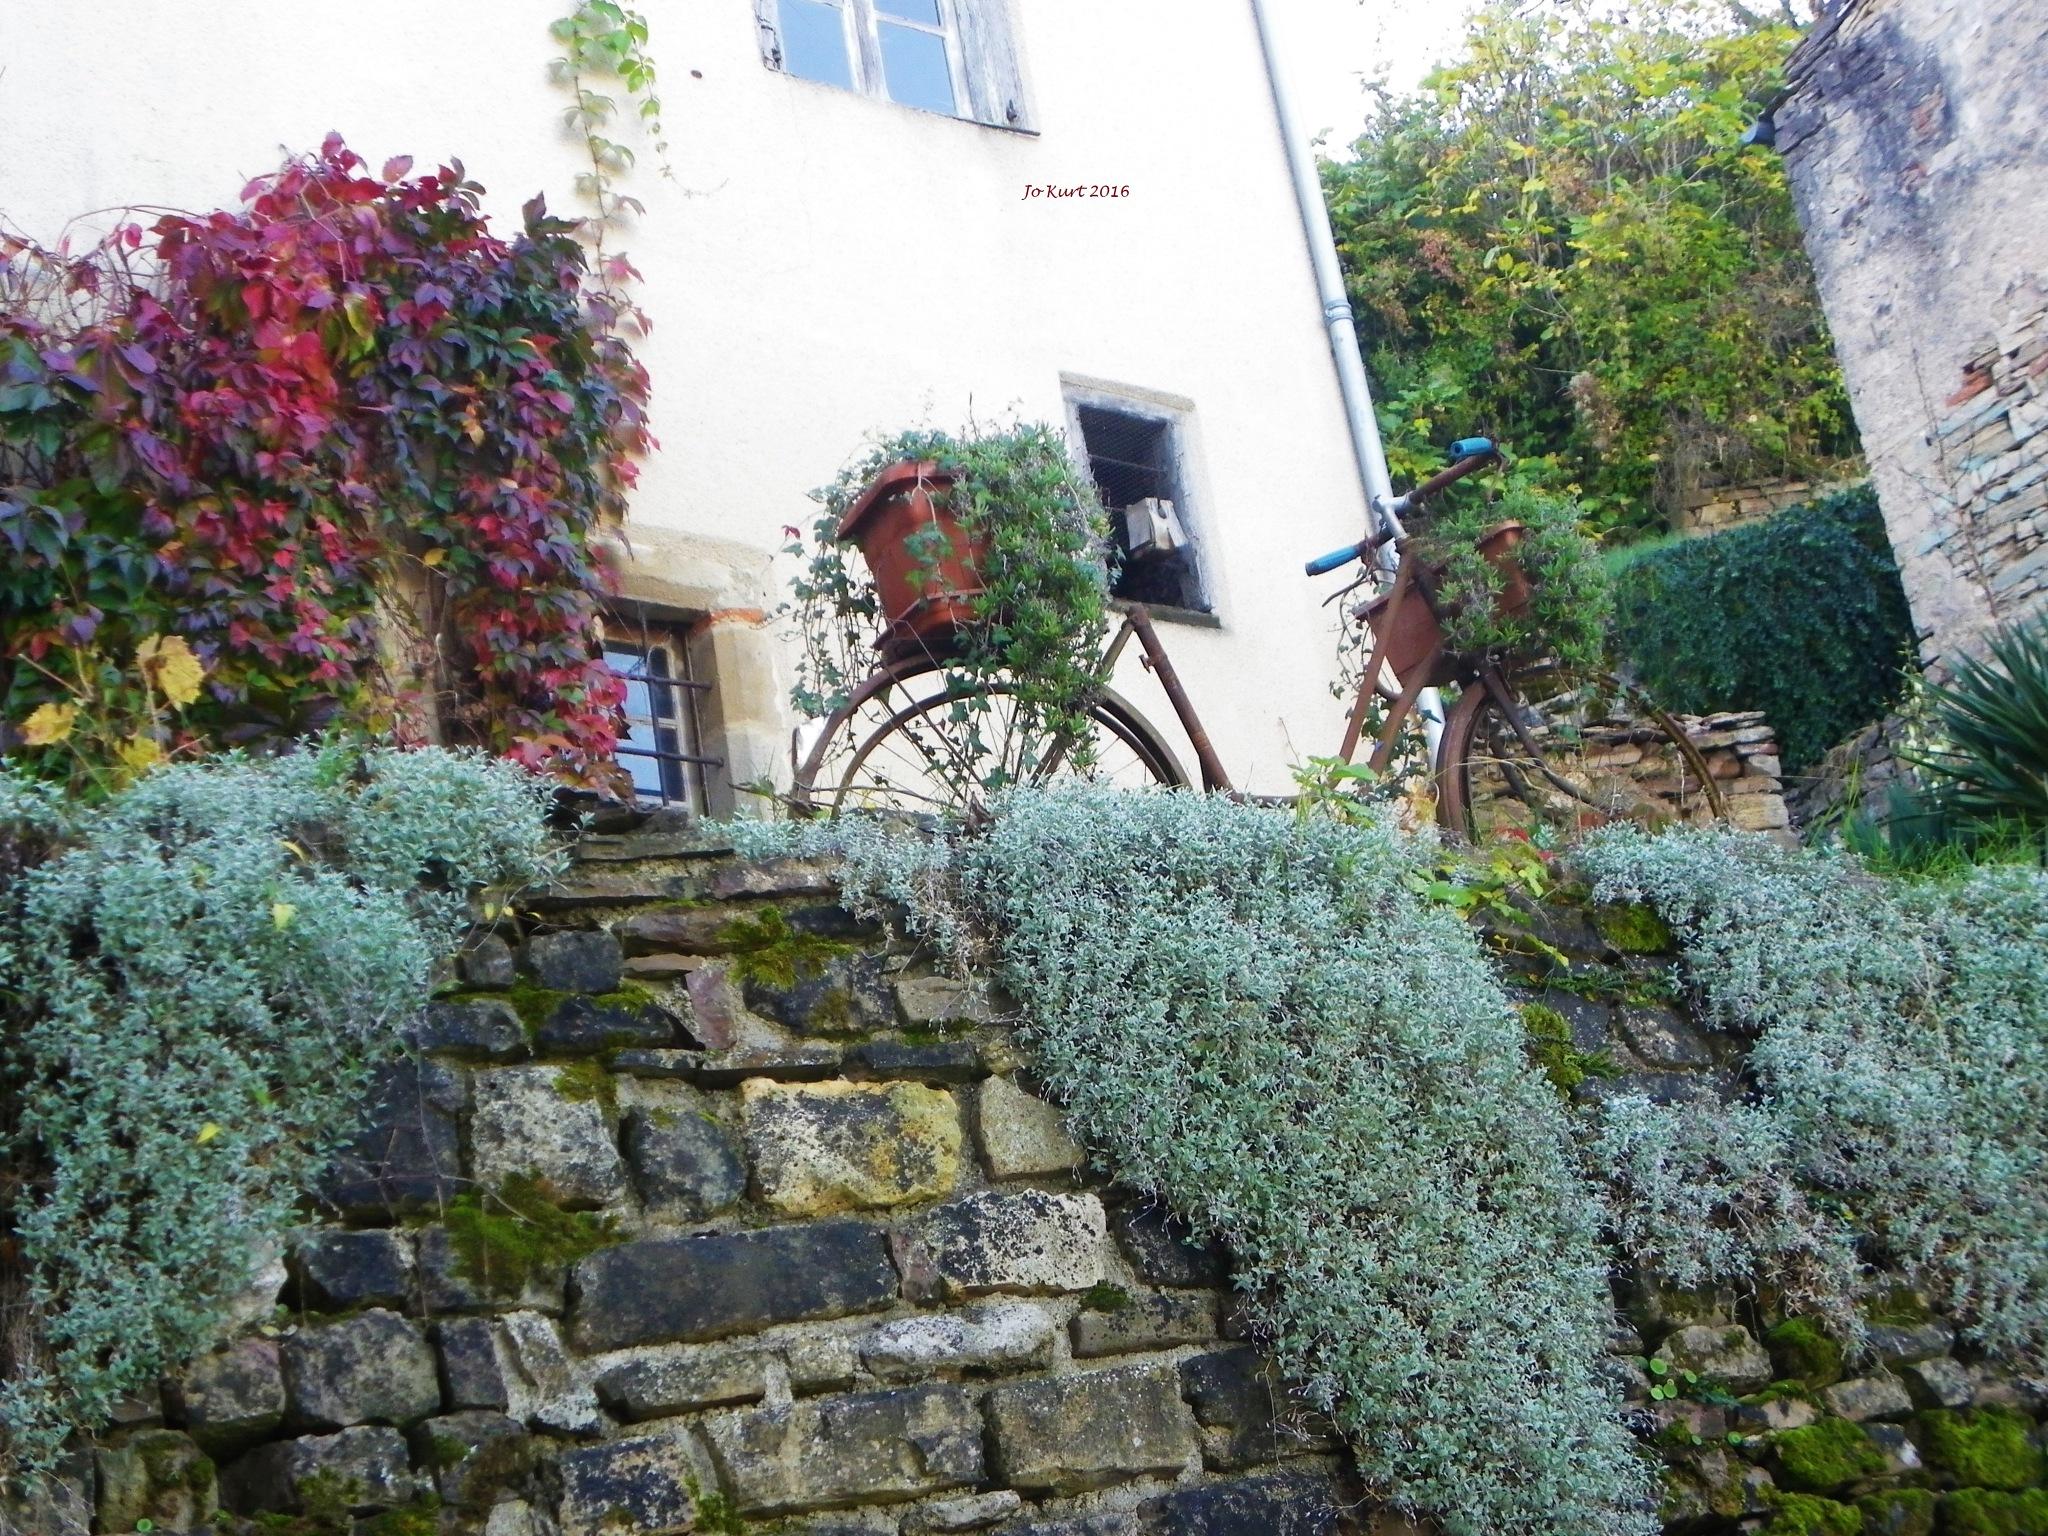 green bike by jo.kurt.9022